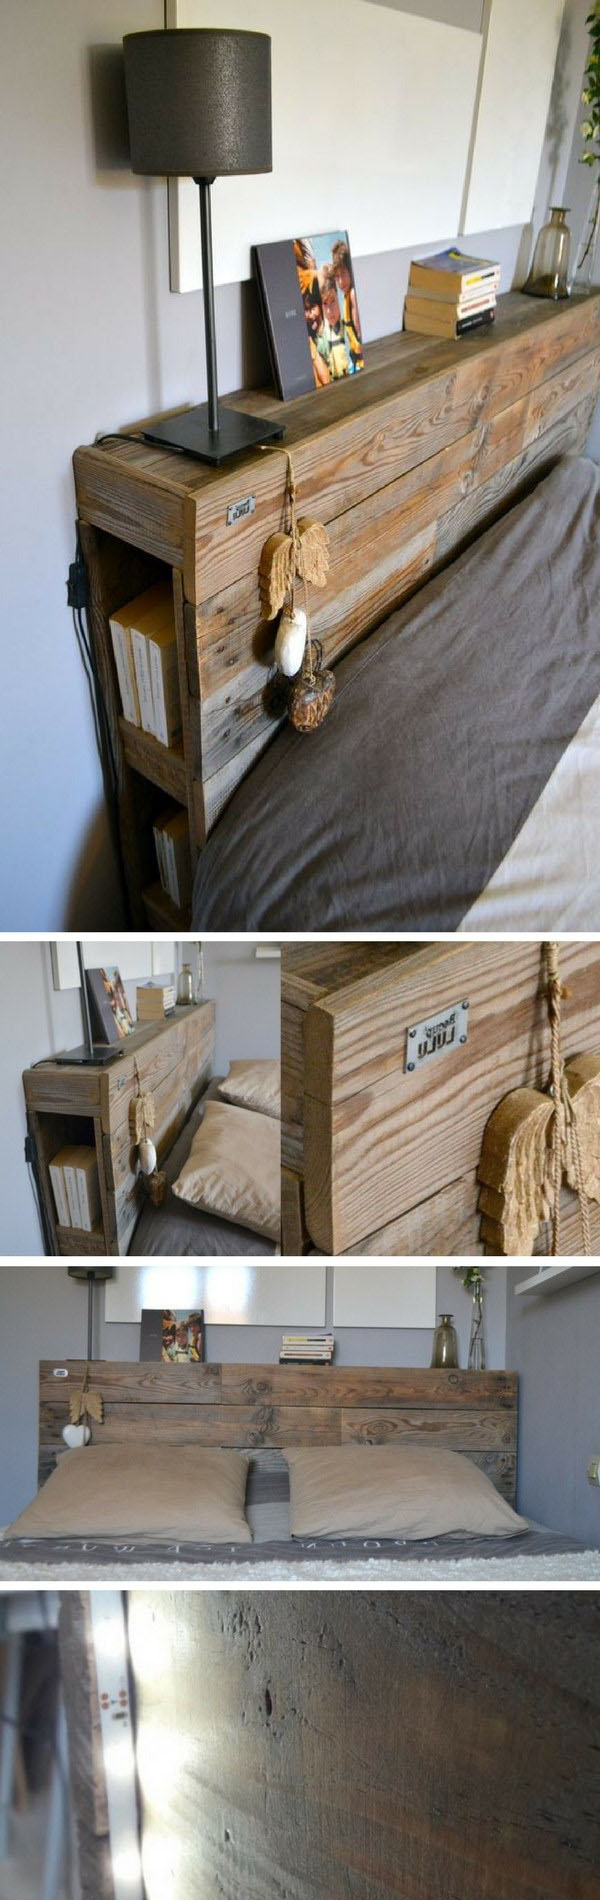 Modele De Lit En Palette tête de lit en palette : 39 inspirations pour votre chambre